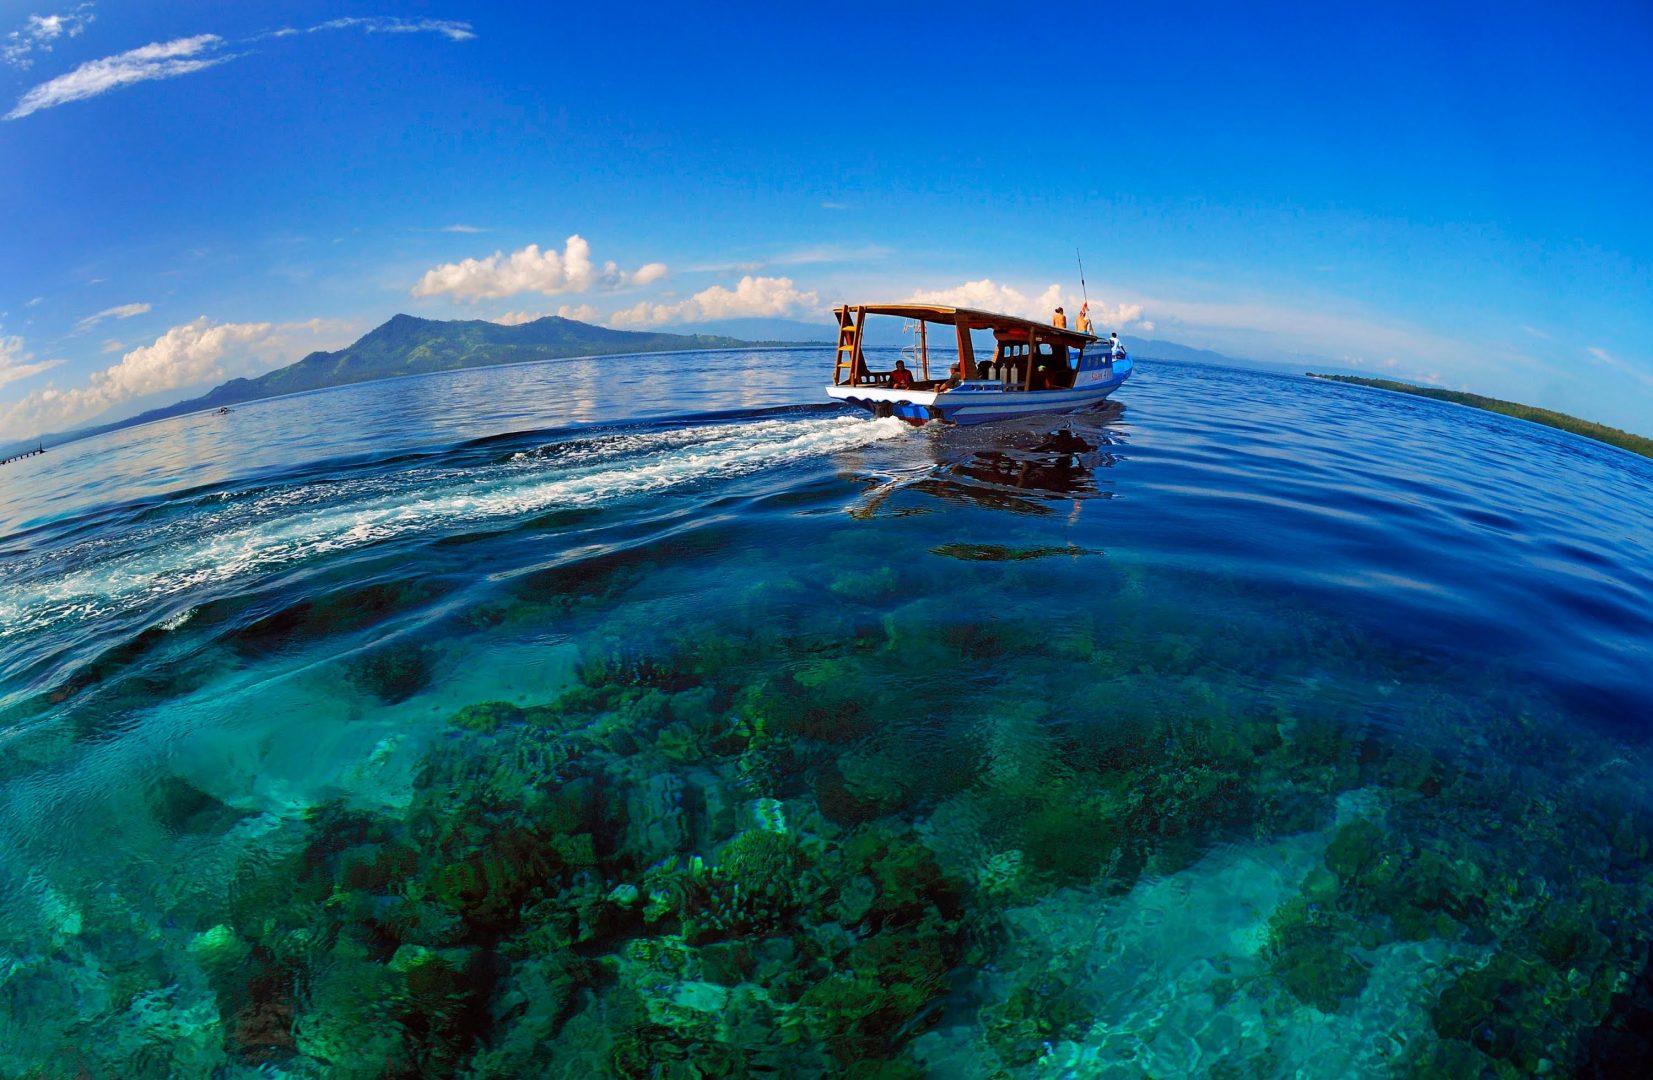 Bunaken, Manado, Indonesia